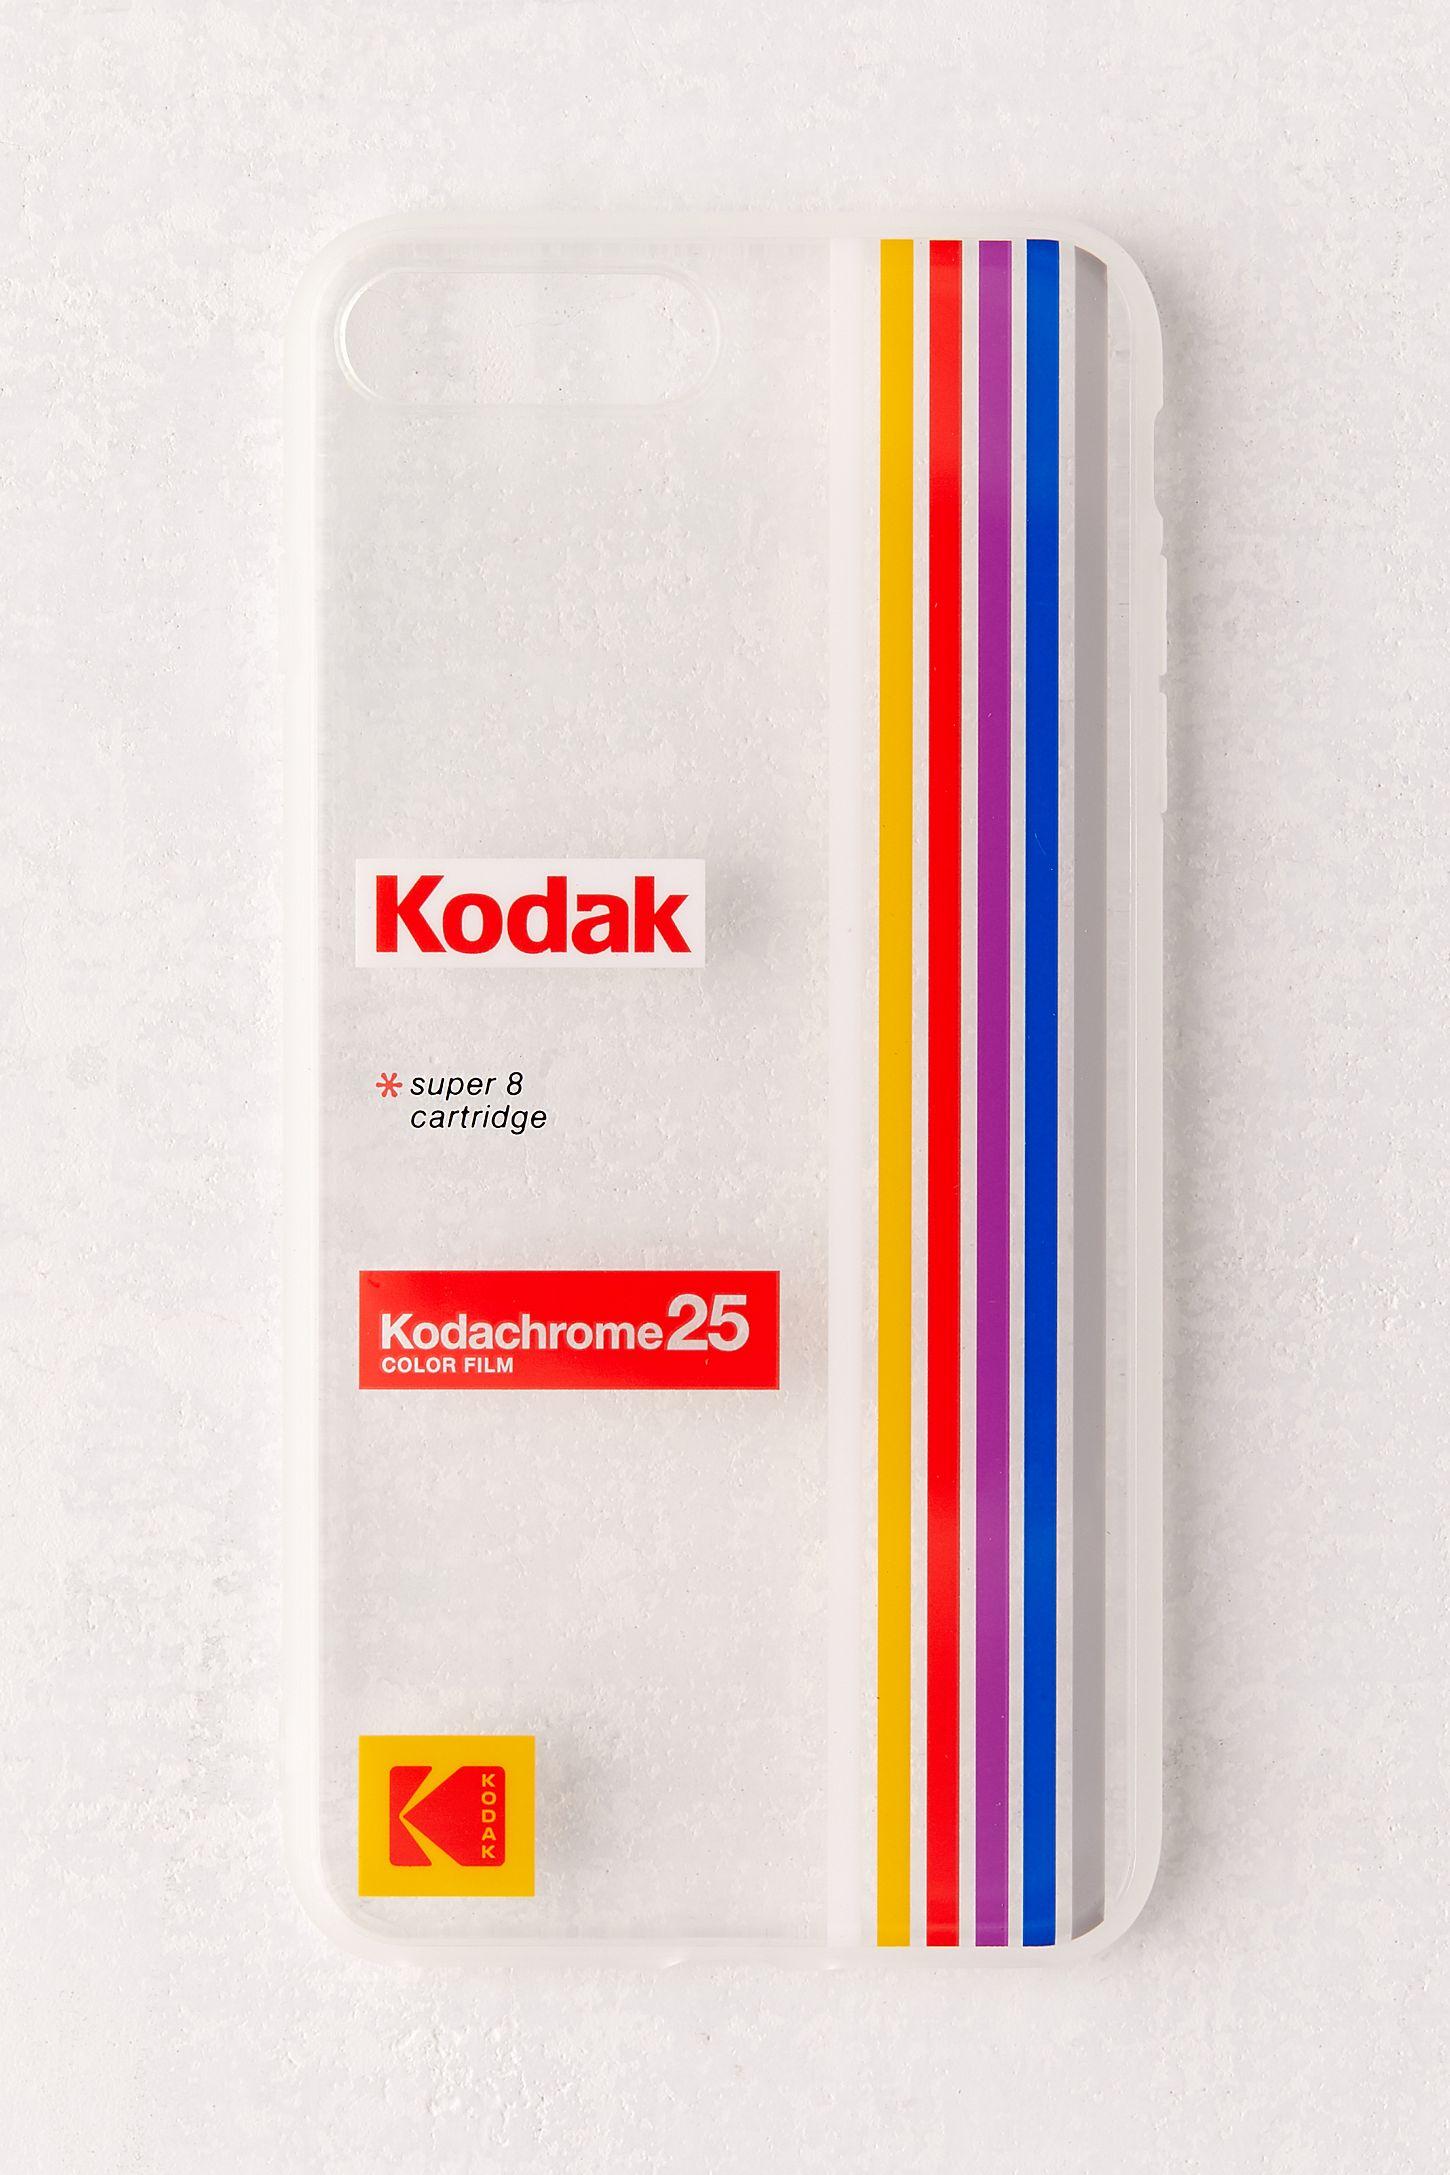 Case Mate X Kodak Striped Kodachrome Iphone Case